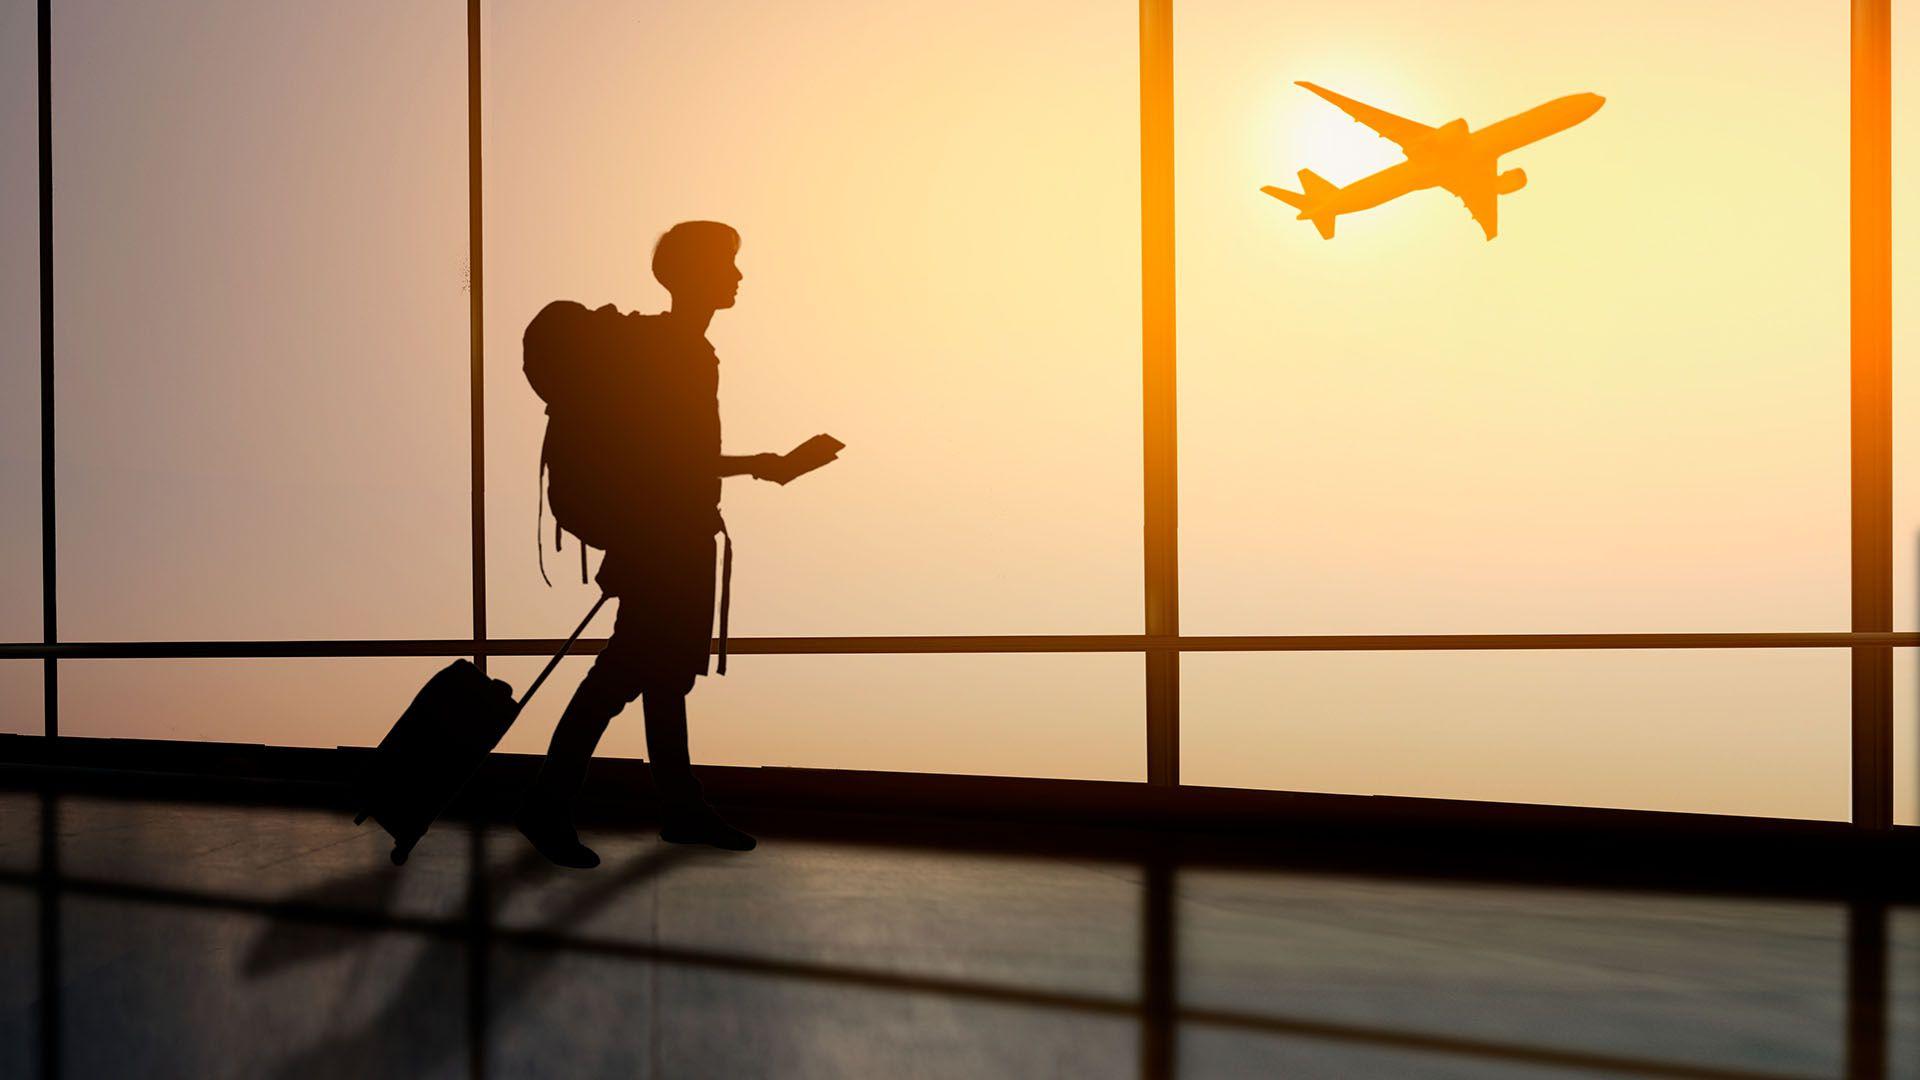 Se trata de la generación que se siente más emocionada y optimista sobre sus futuros viajes, y que no temen viajar solos (Shutterstock)